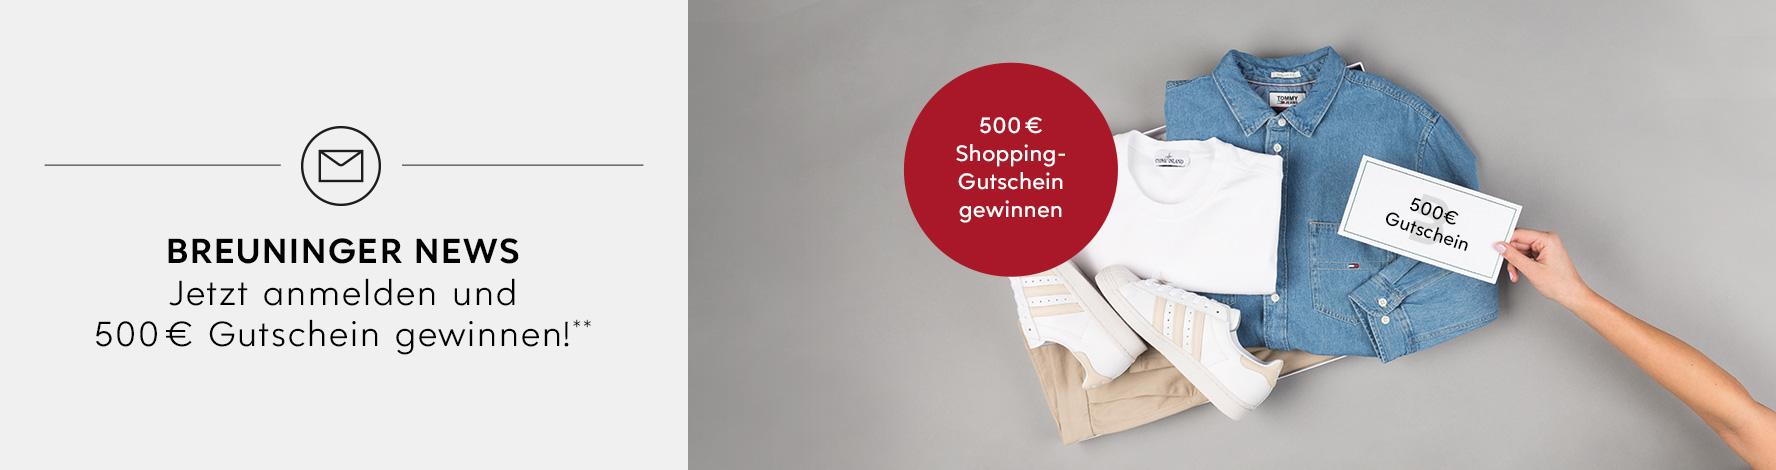 Jetzt Anmelden und einen von drei 500 € Shopping Gutscheinen gewinnen:**